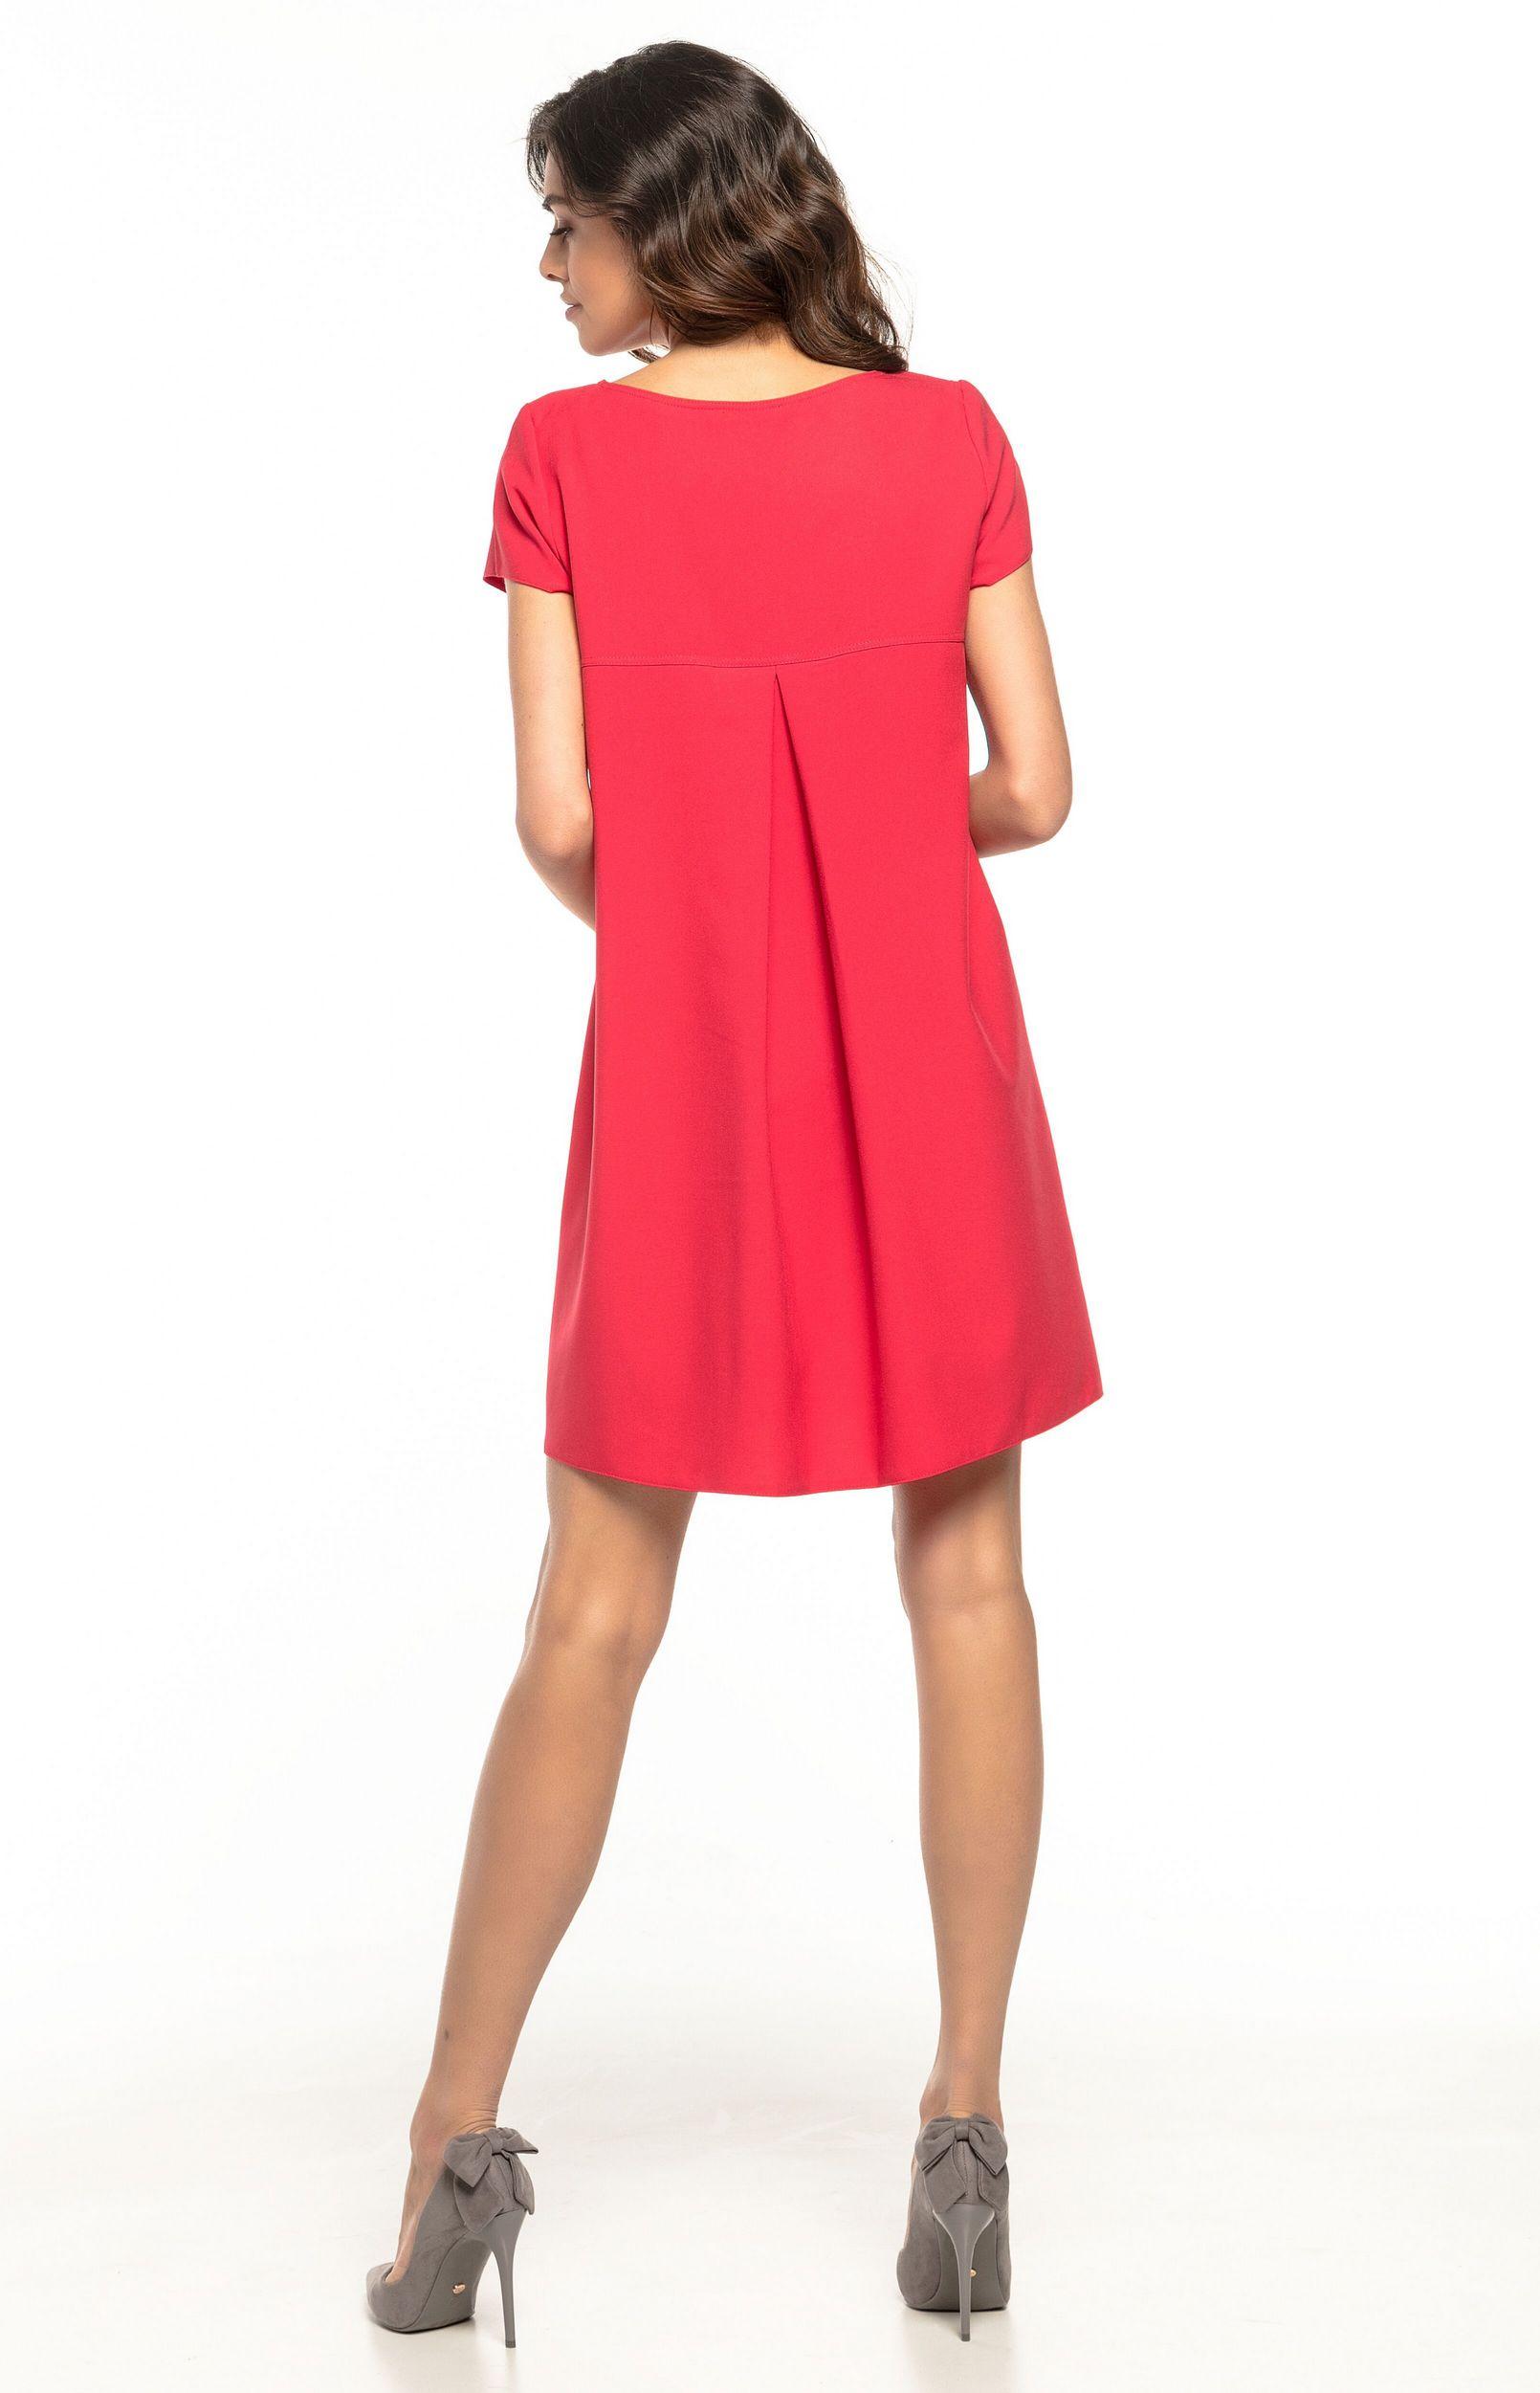 6362959fe7e Robe ample courte rouge Tess T261R   idresstocode  boutique de déshabillés  et nuisettes